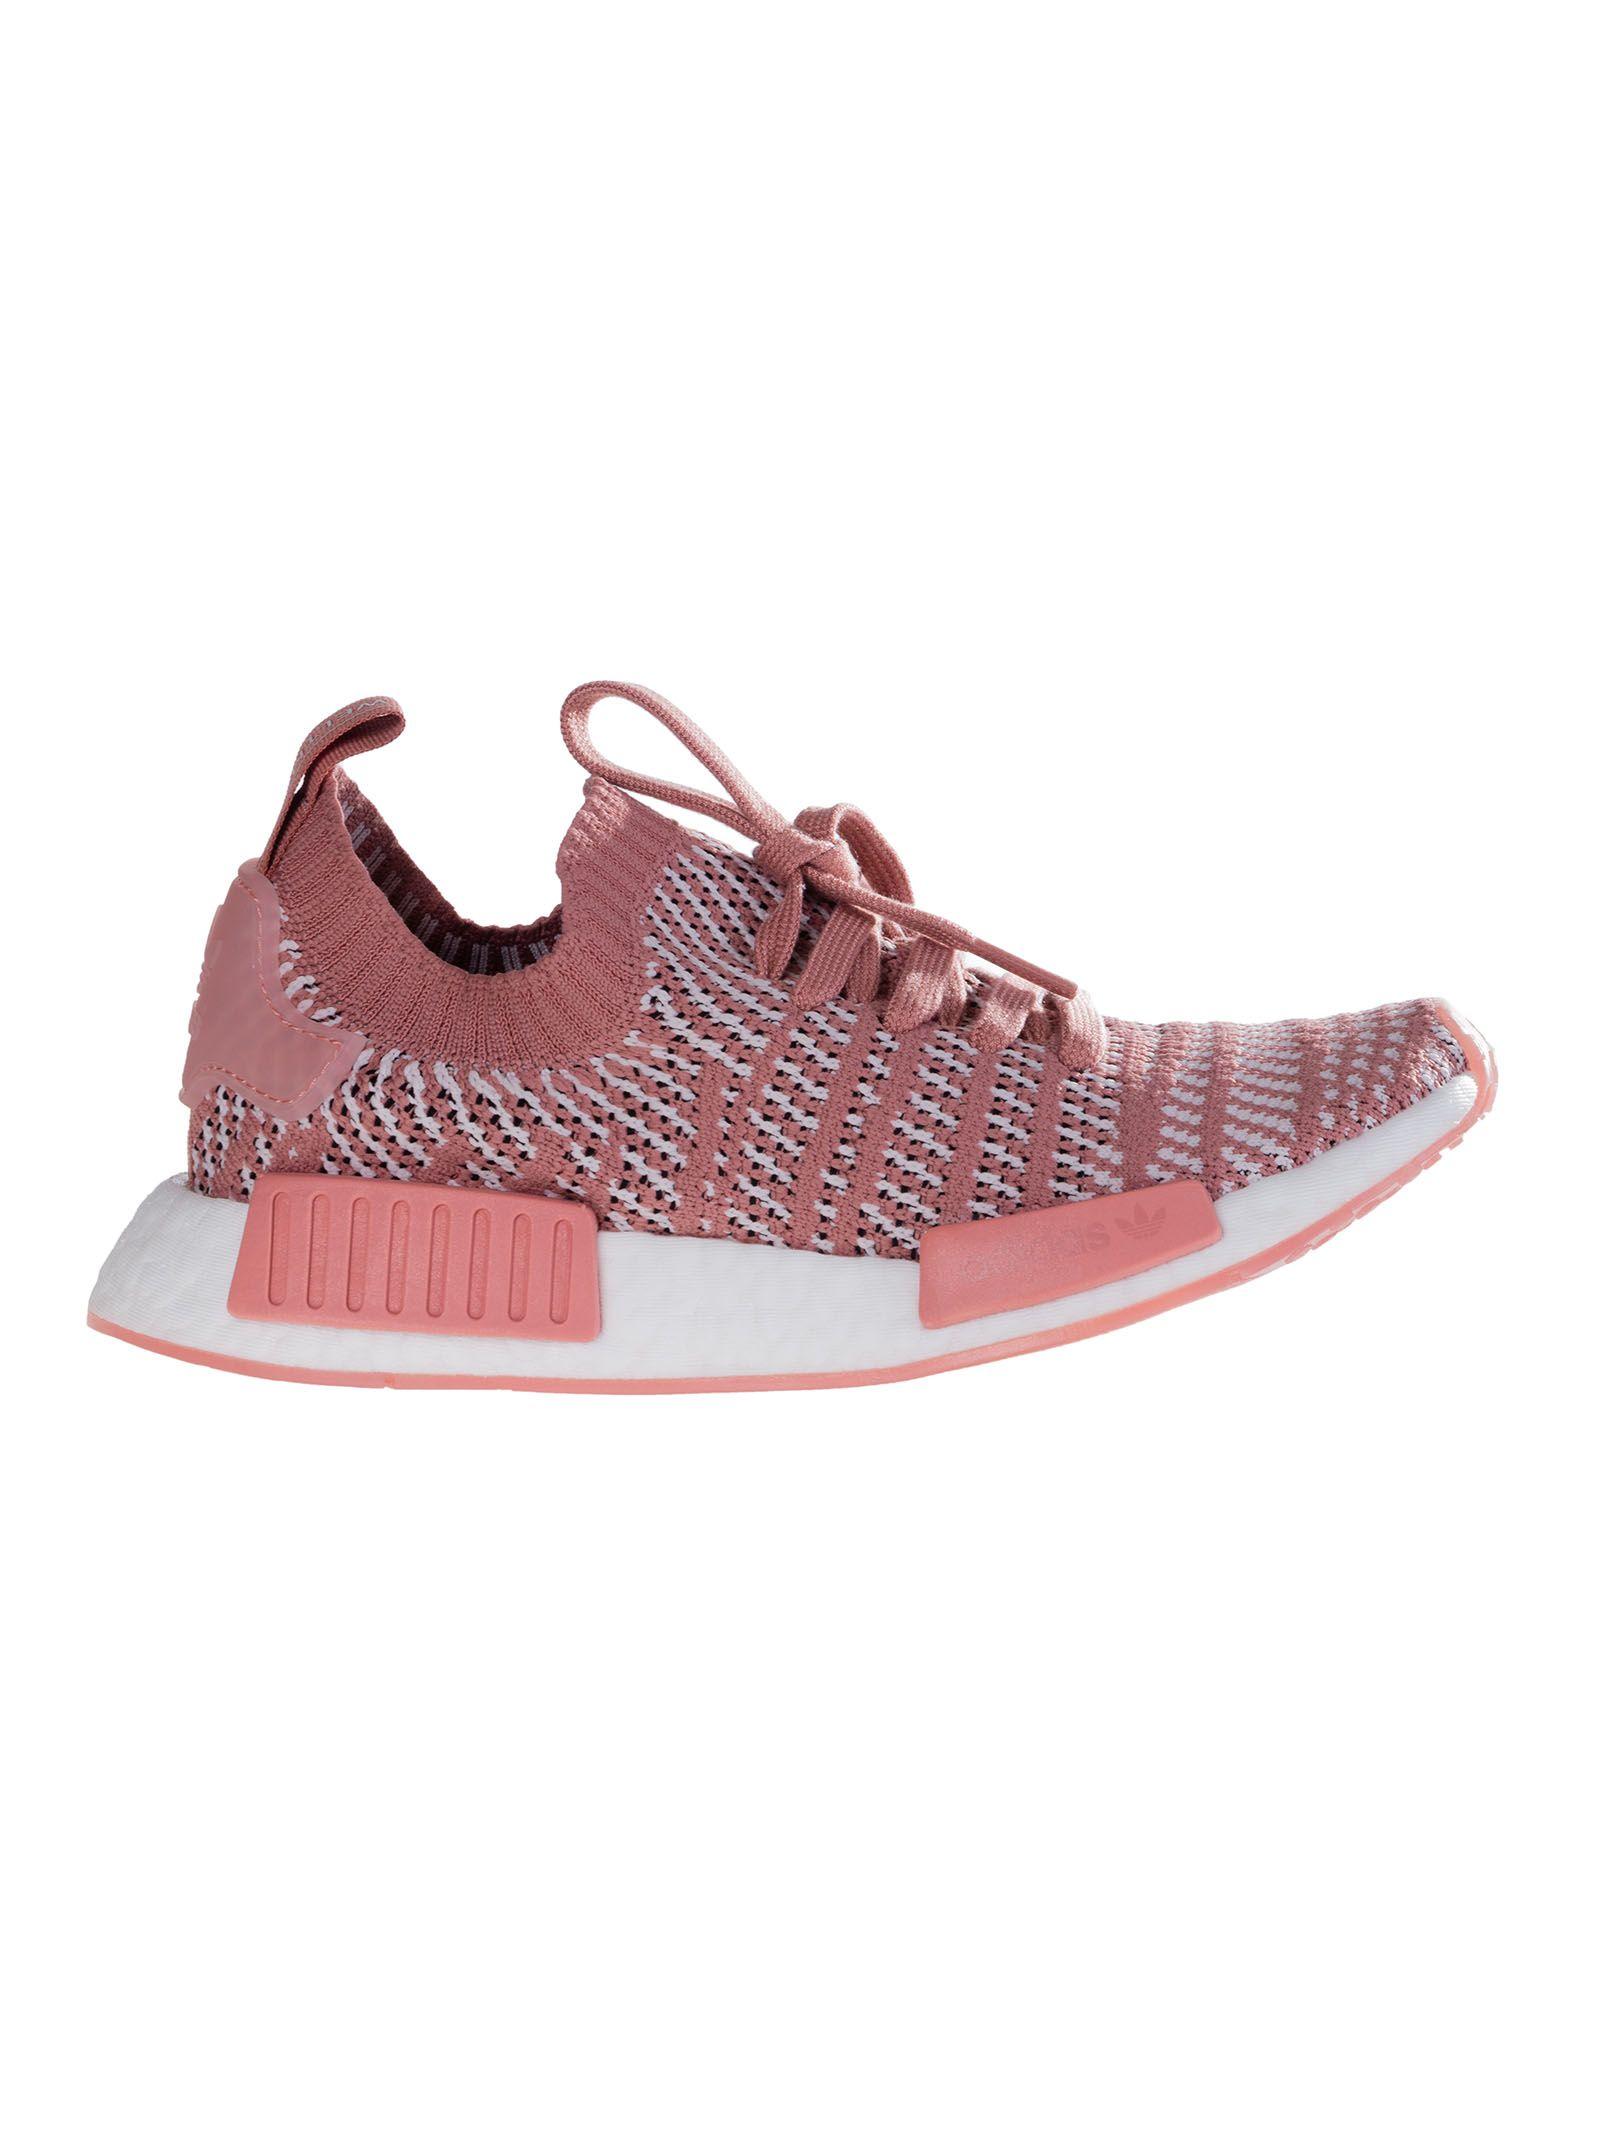 Adidas adidas nmd r1 ashpnkorctinftwwht le scarpe,